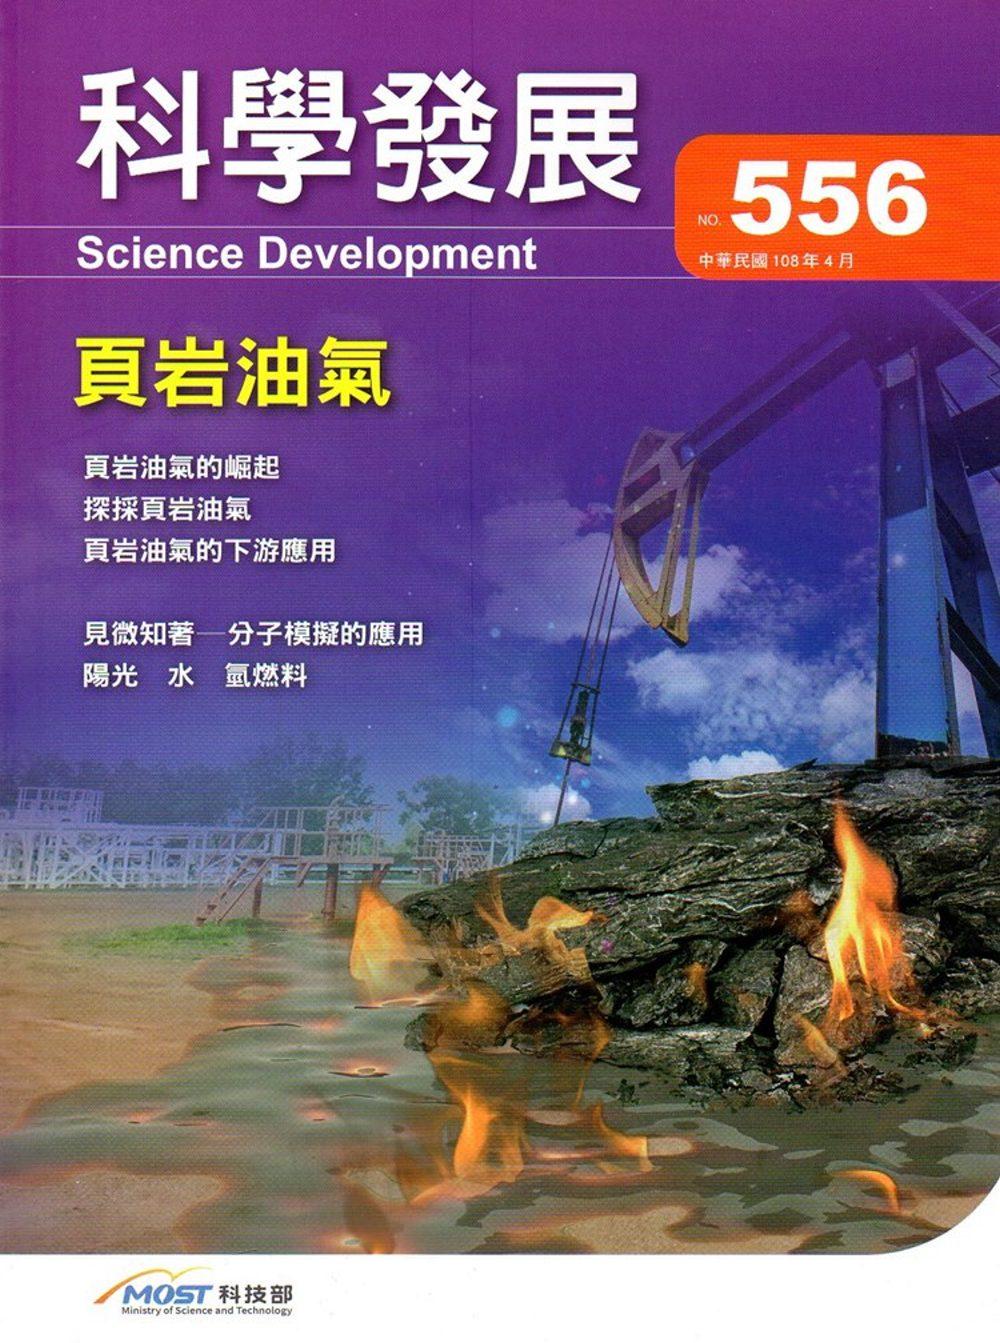 科學發展月刊第556期(108/04)